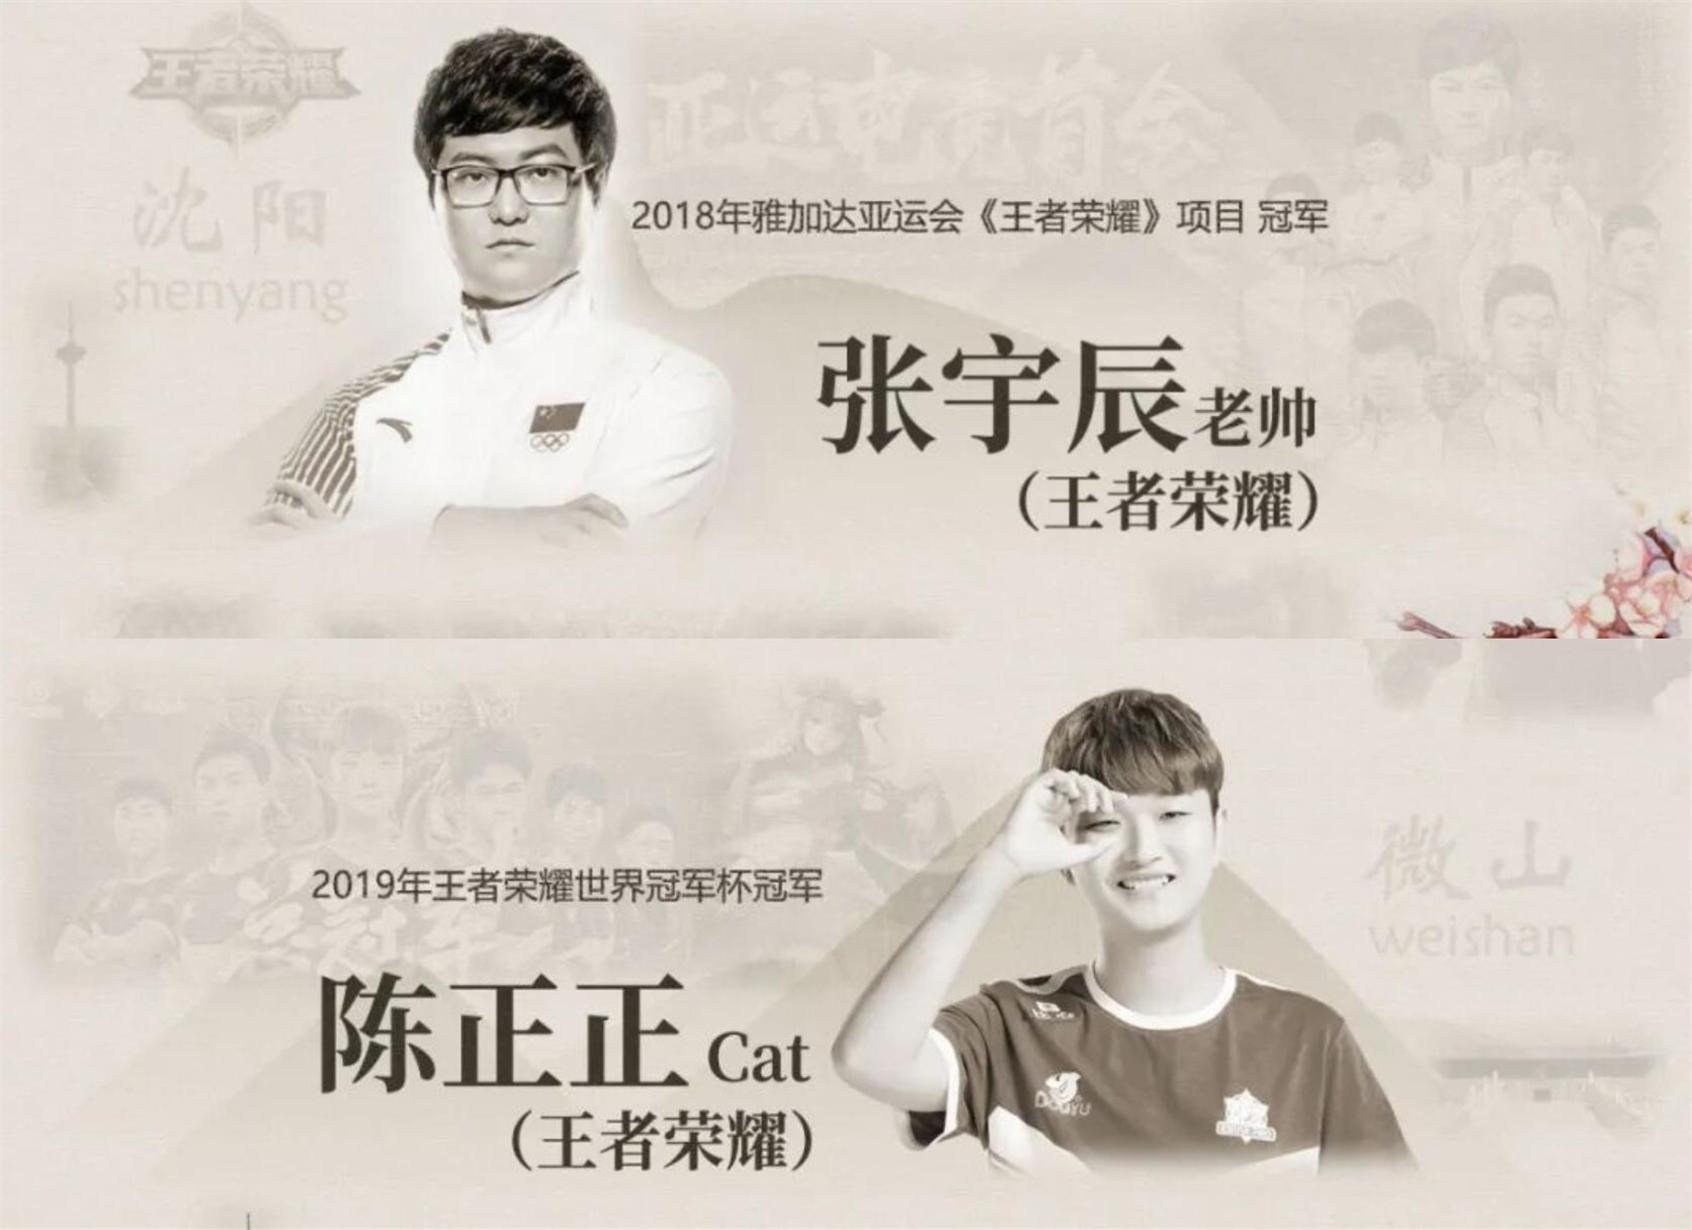 《【煜星娱乐官方登录平台】中国电竞名人堂名单,LPL有5位选手入选,猫神为KPL争光!》